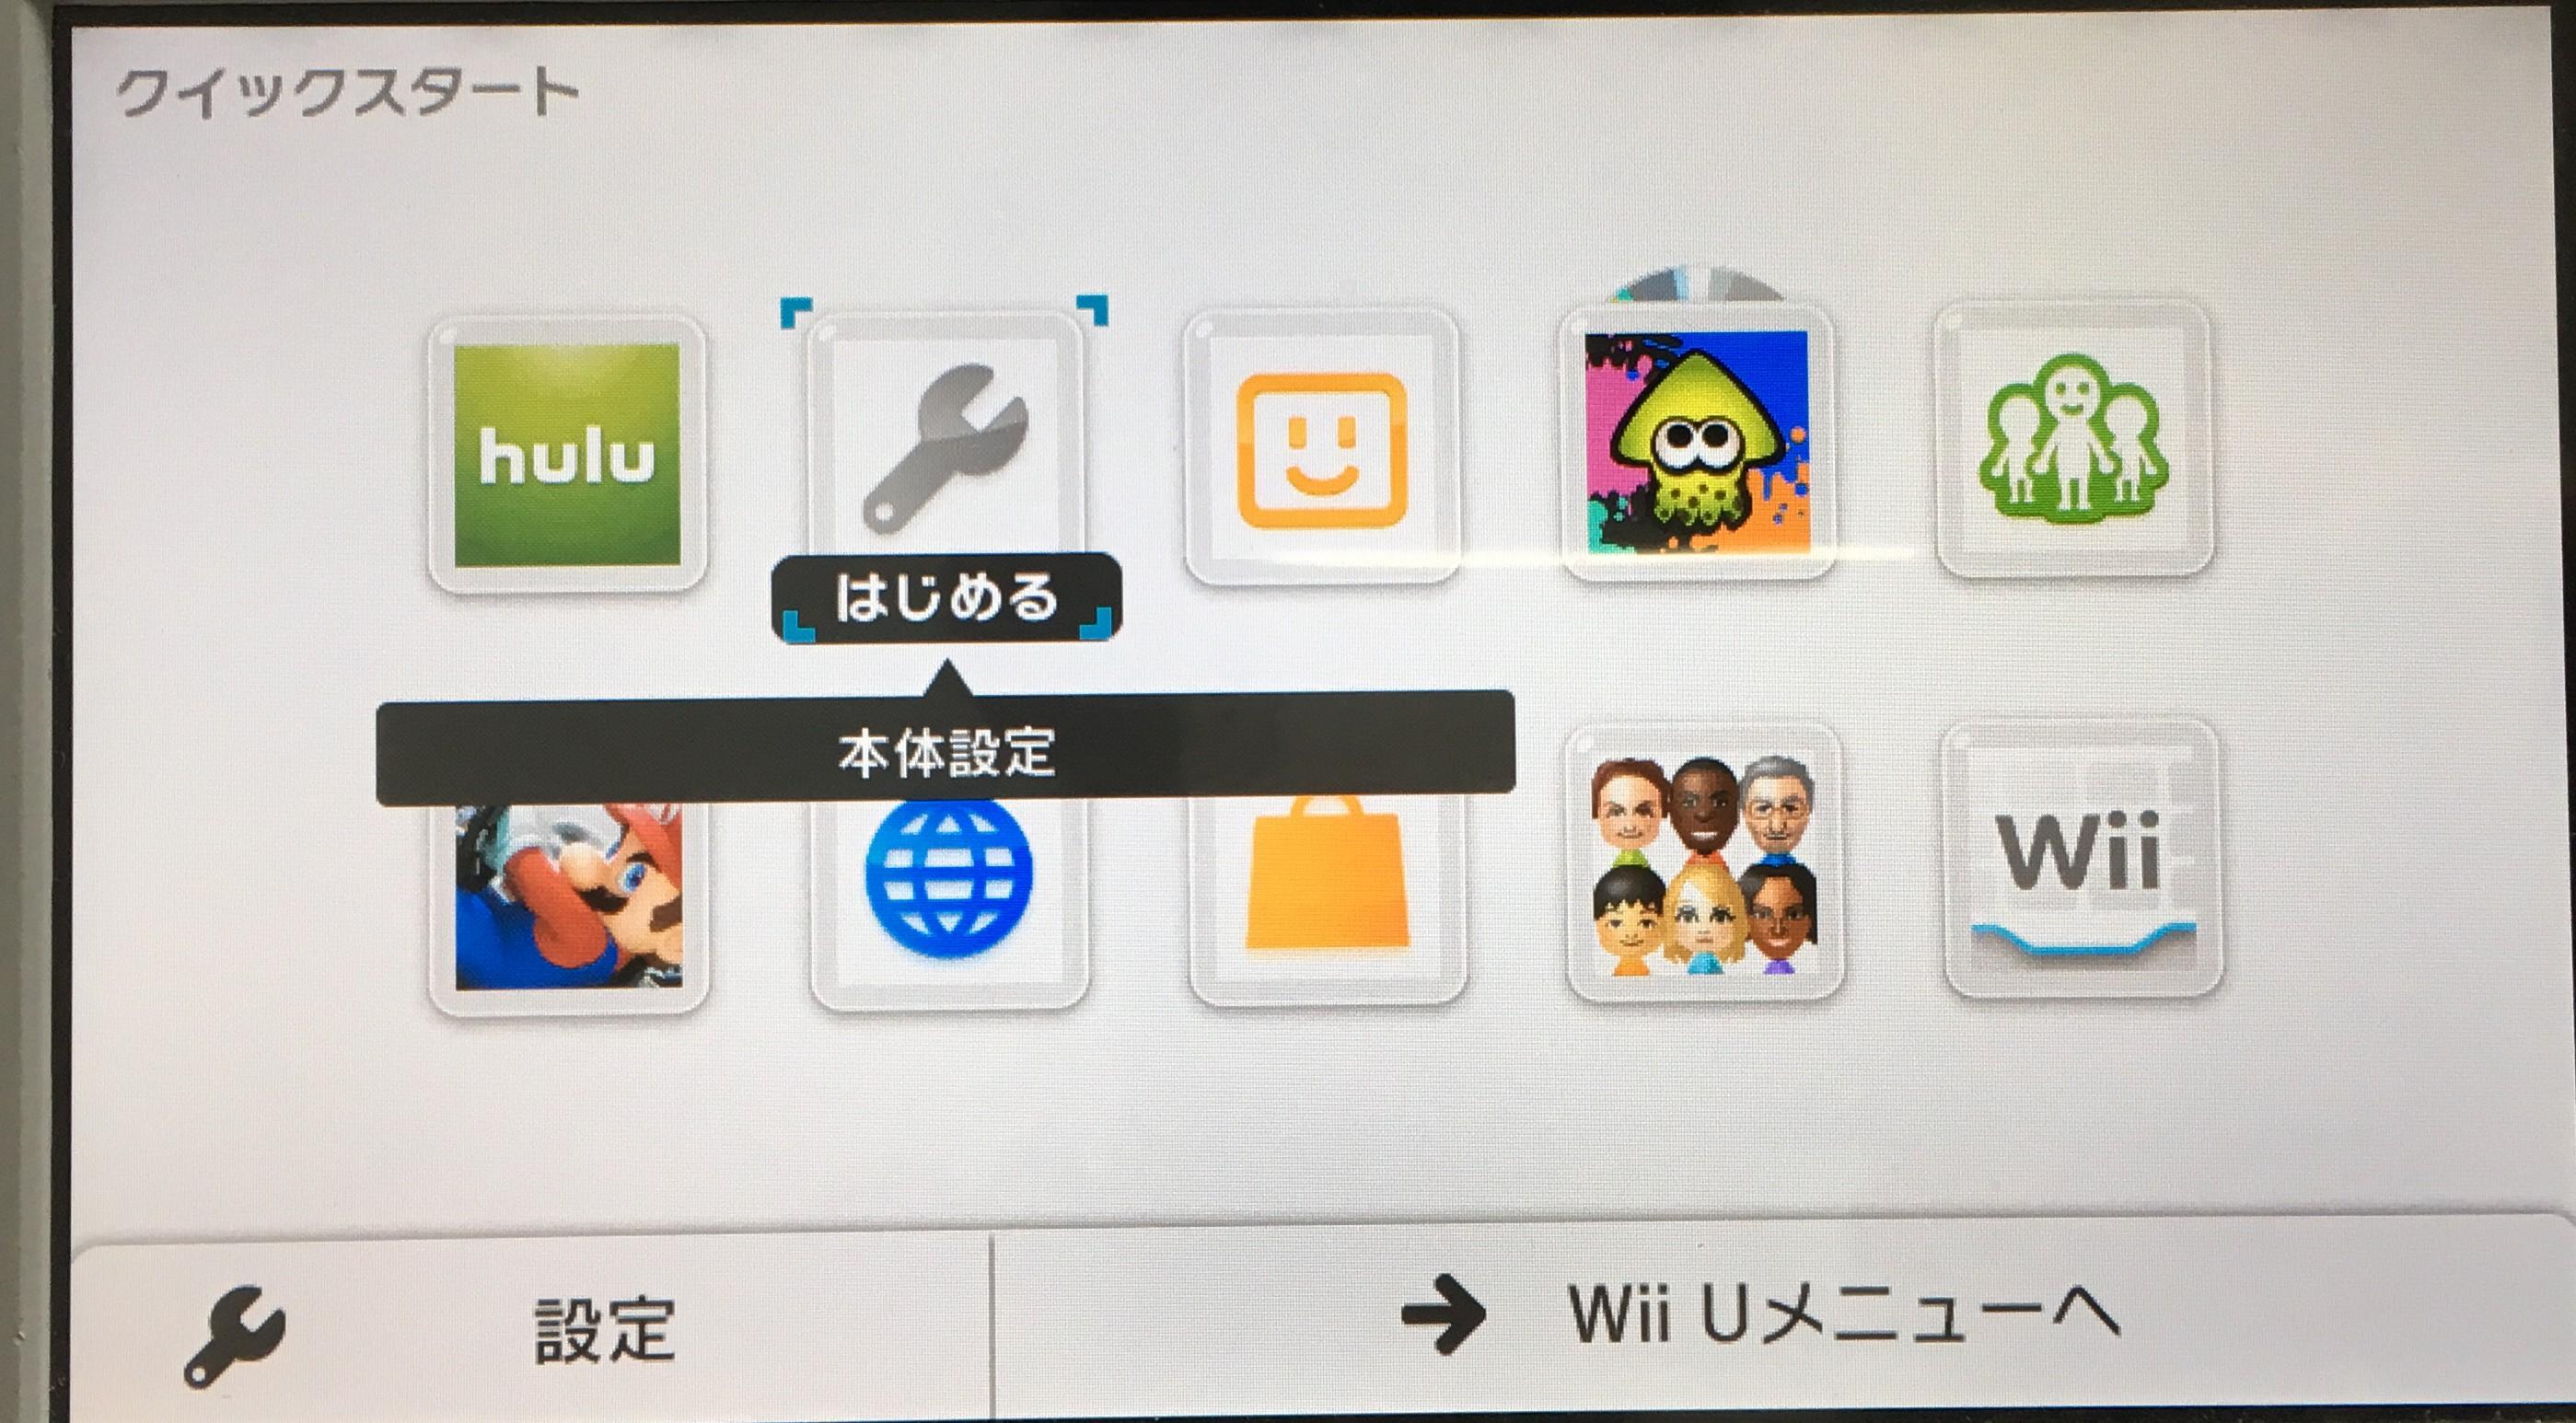 Wii Uのゲーム音をテレビ、ゲームパッドから出力する切り替え方法とは